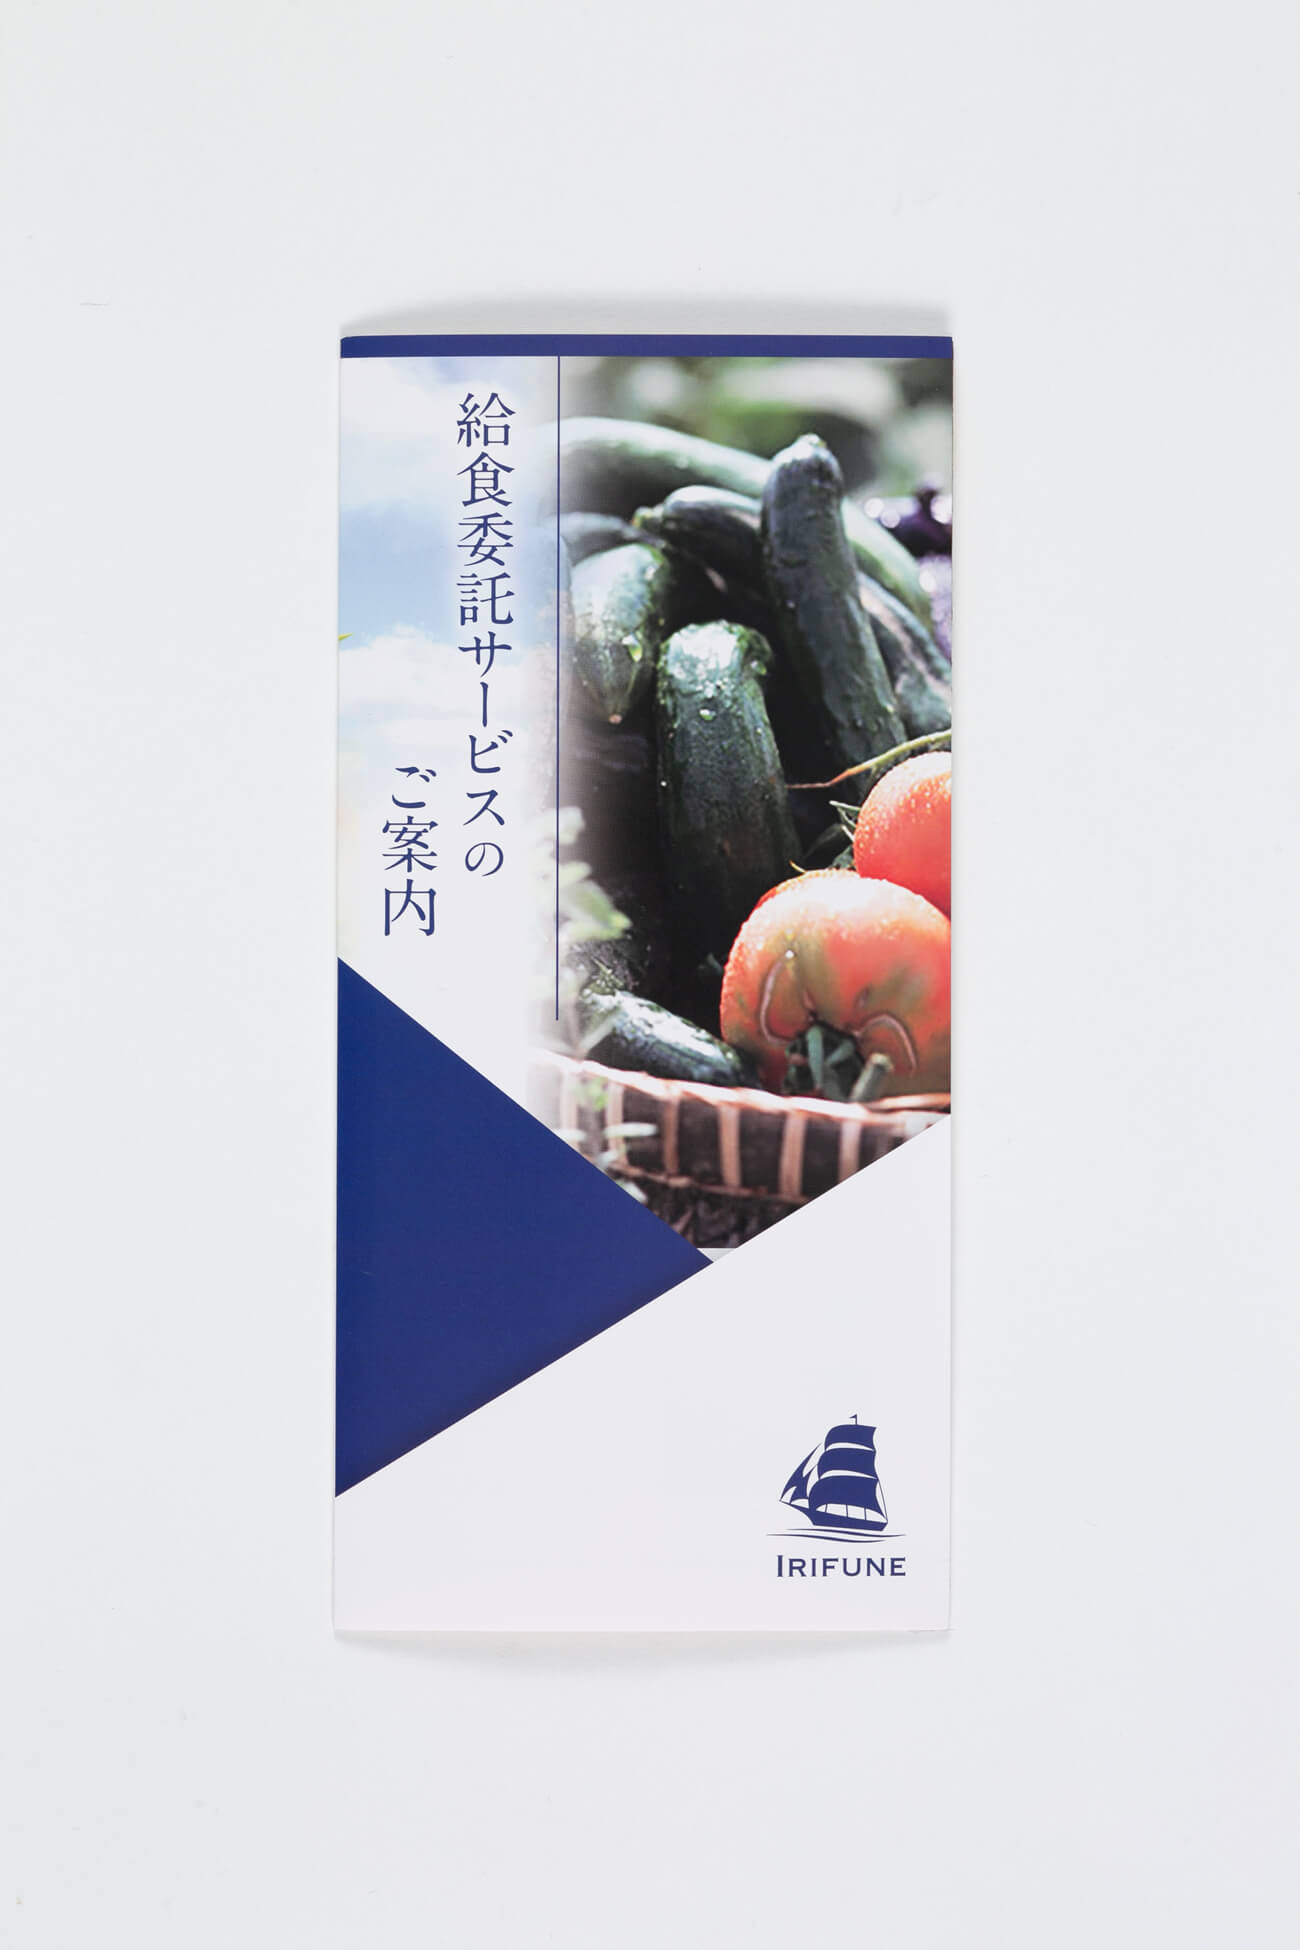 加古川市 株式会社入船様 給食サービス案内リーフレット制作1